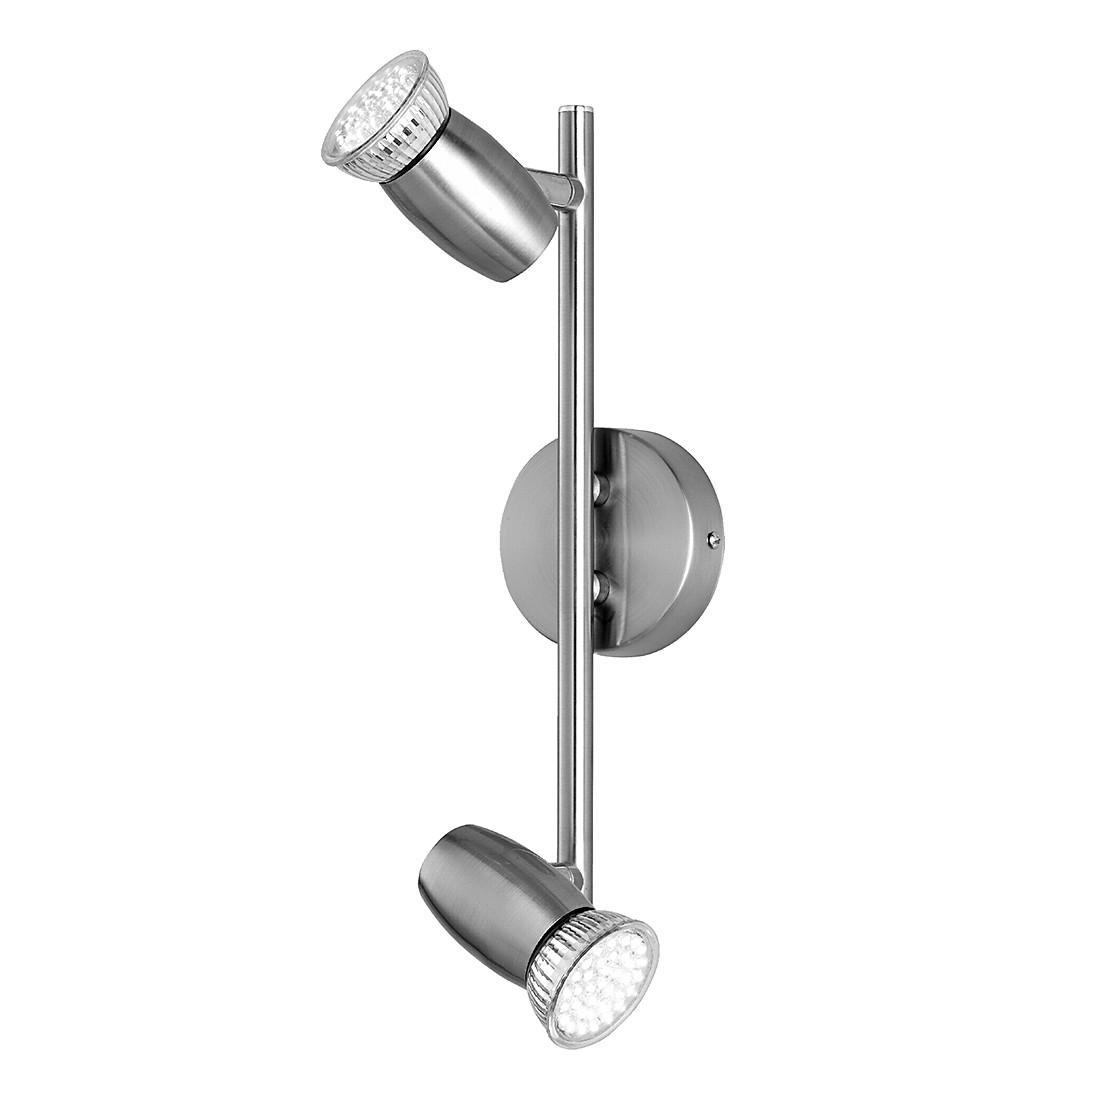 EEK A++, LED-Balken – 2-flammig, Trio jetzt kaufen